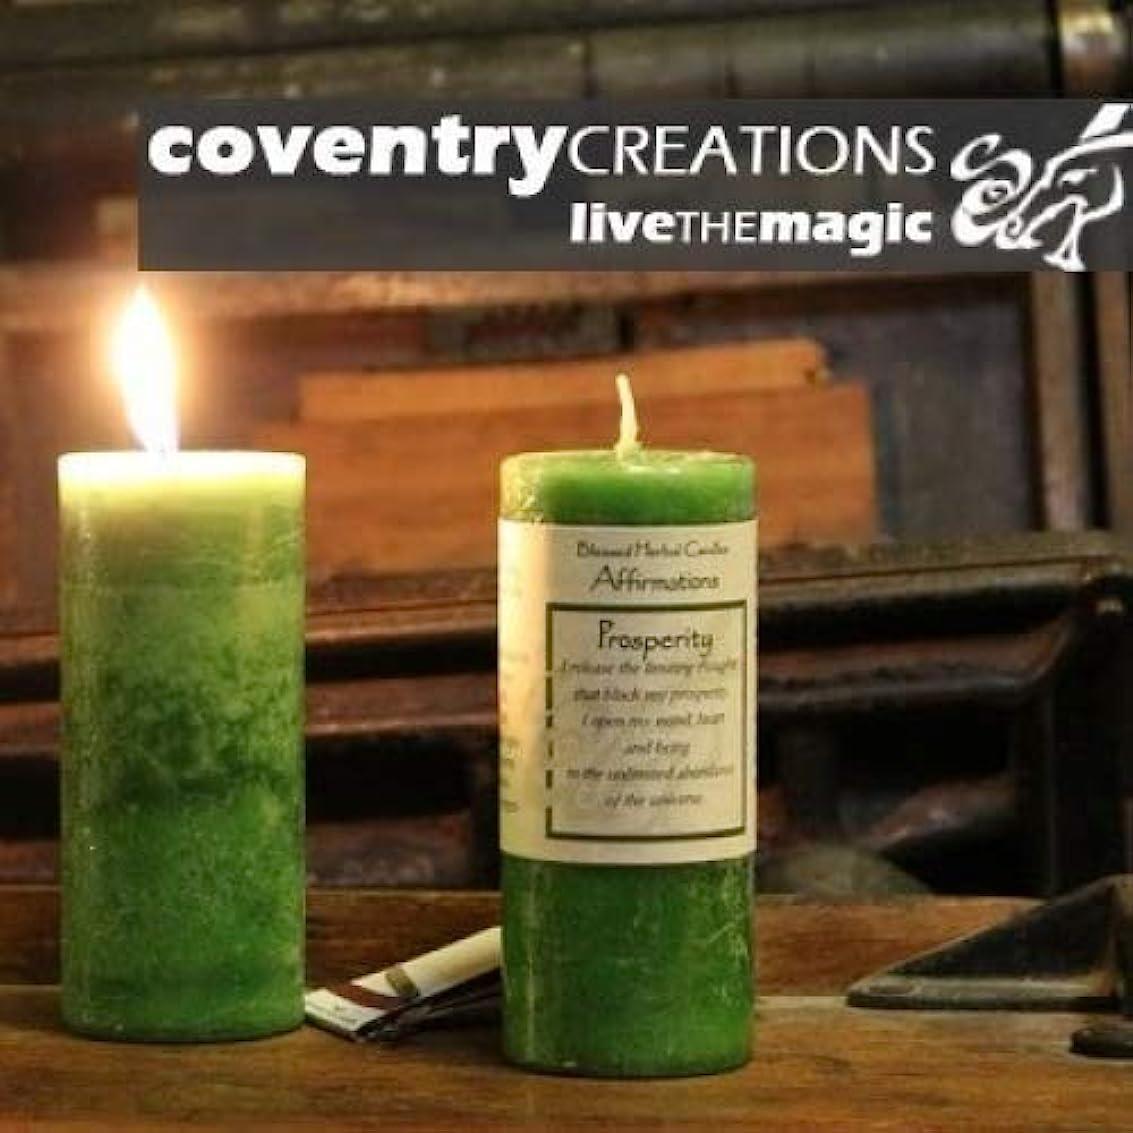 位置づける残り物同意Affirmations - Prosperity Candle by Coventry Creations